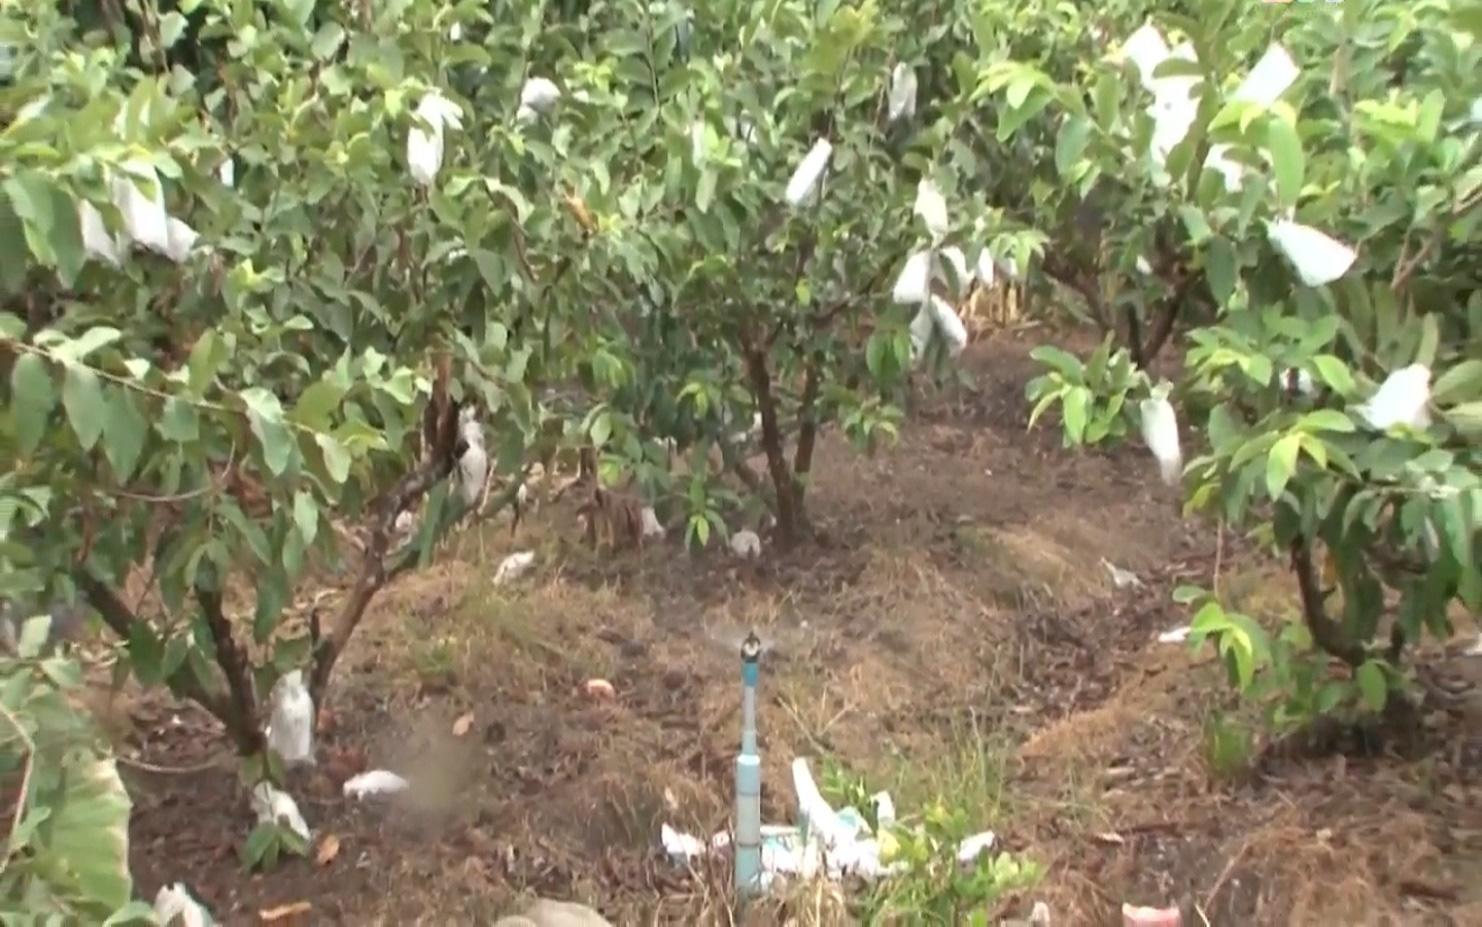 Anh nông dân trồng ổi theo quy trình VietGAP, vườn ổi ngày nào cũng sai trái hơn, đầu ra cũng ngày càng thuận lợi - Ảnh 6.